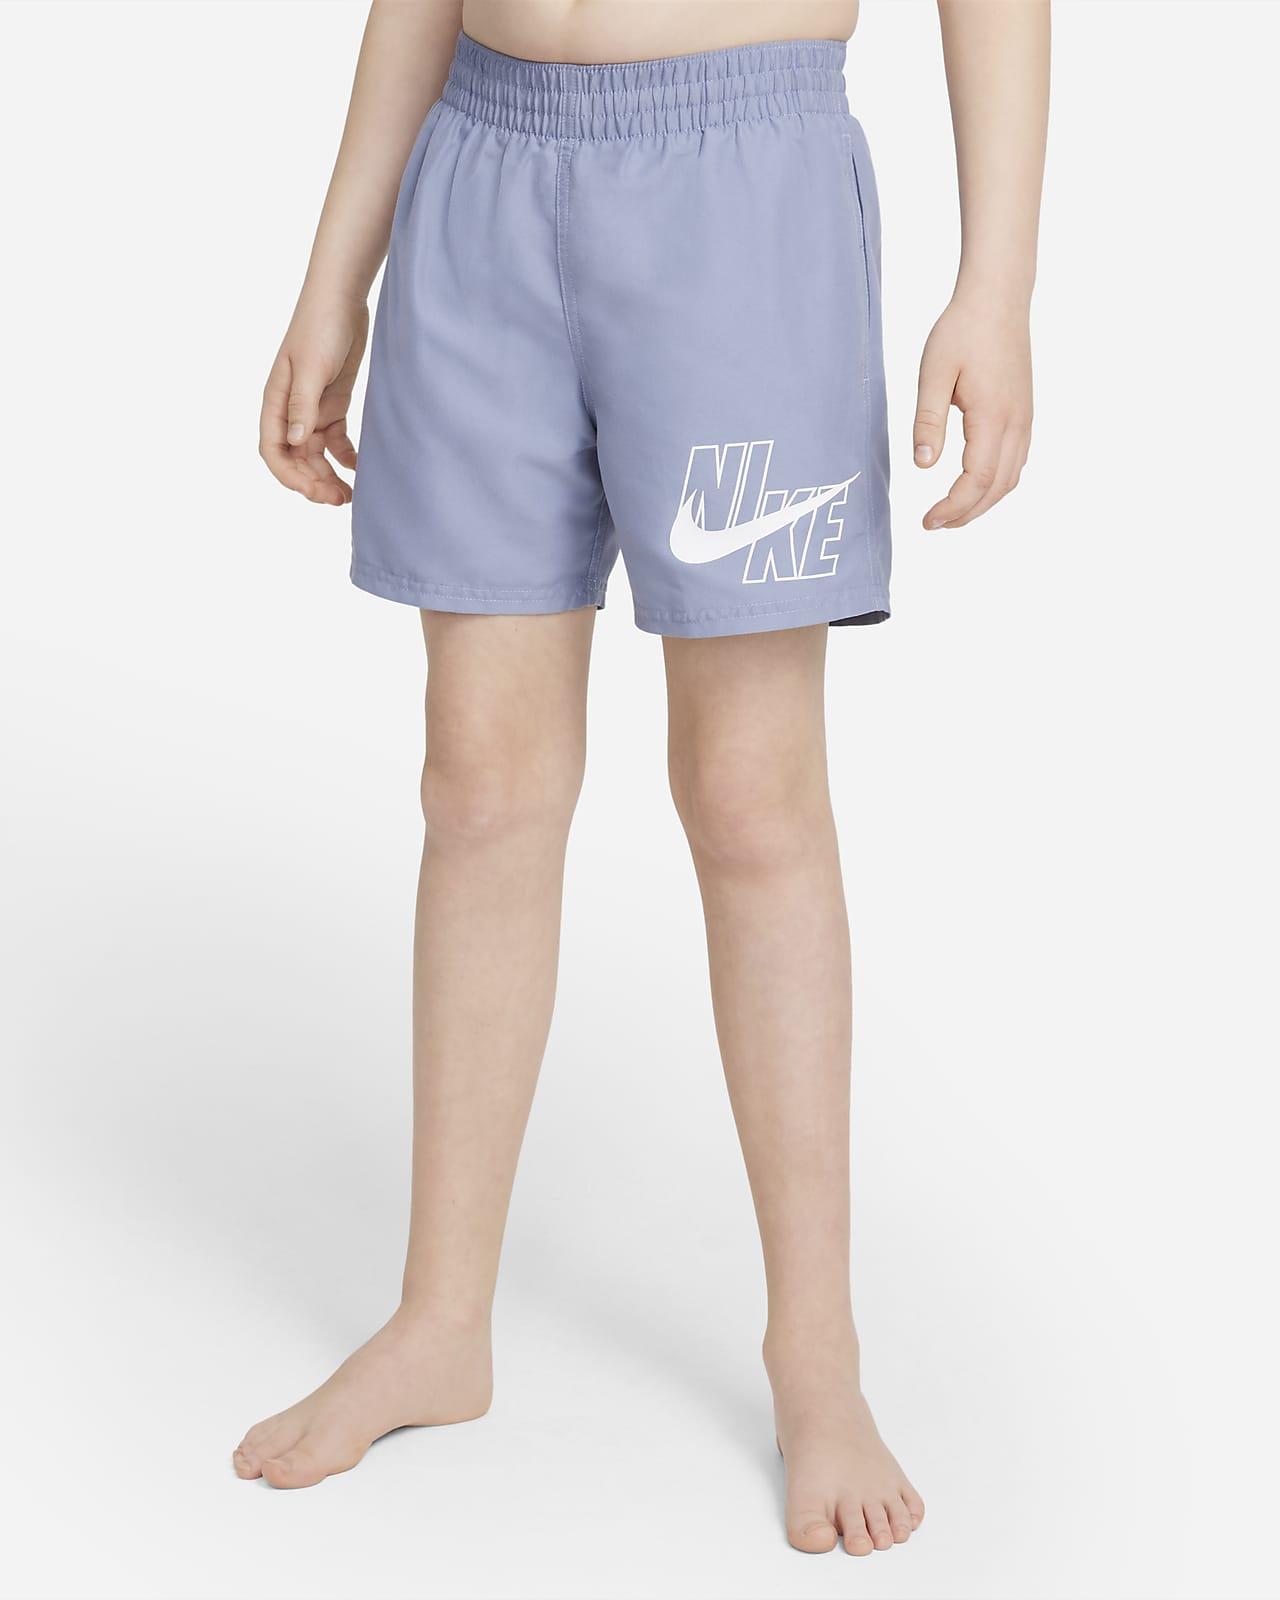 Plavecké kraťasy Nike Lap 4 pro větší děti (chlapce)